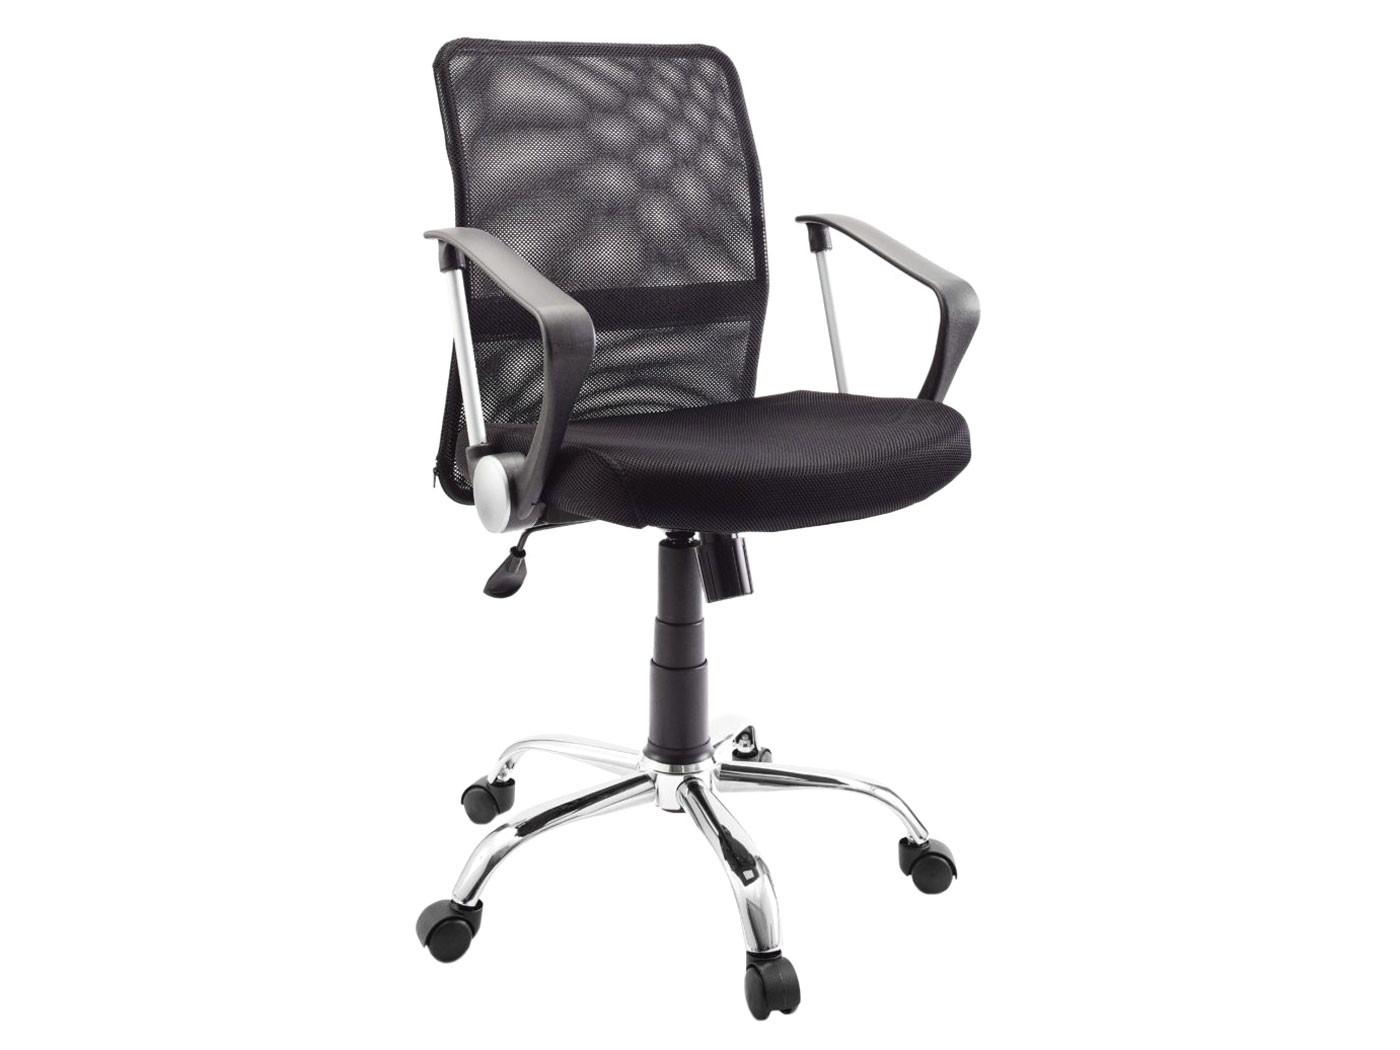 Офисное кресло ДИК Компьютерное кресло Dikline SN11